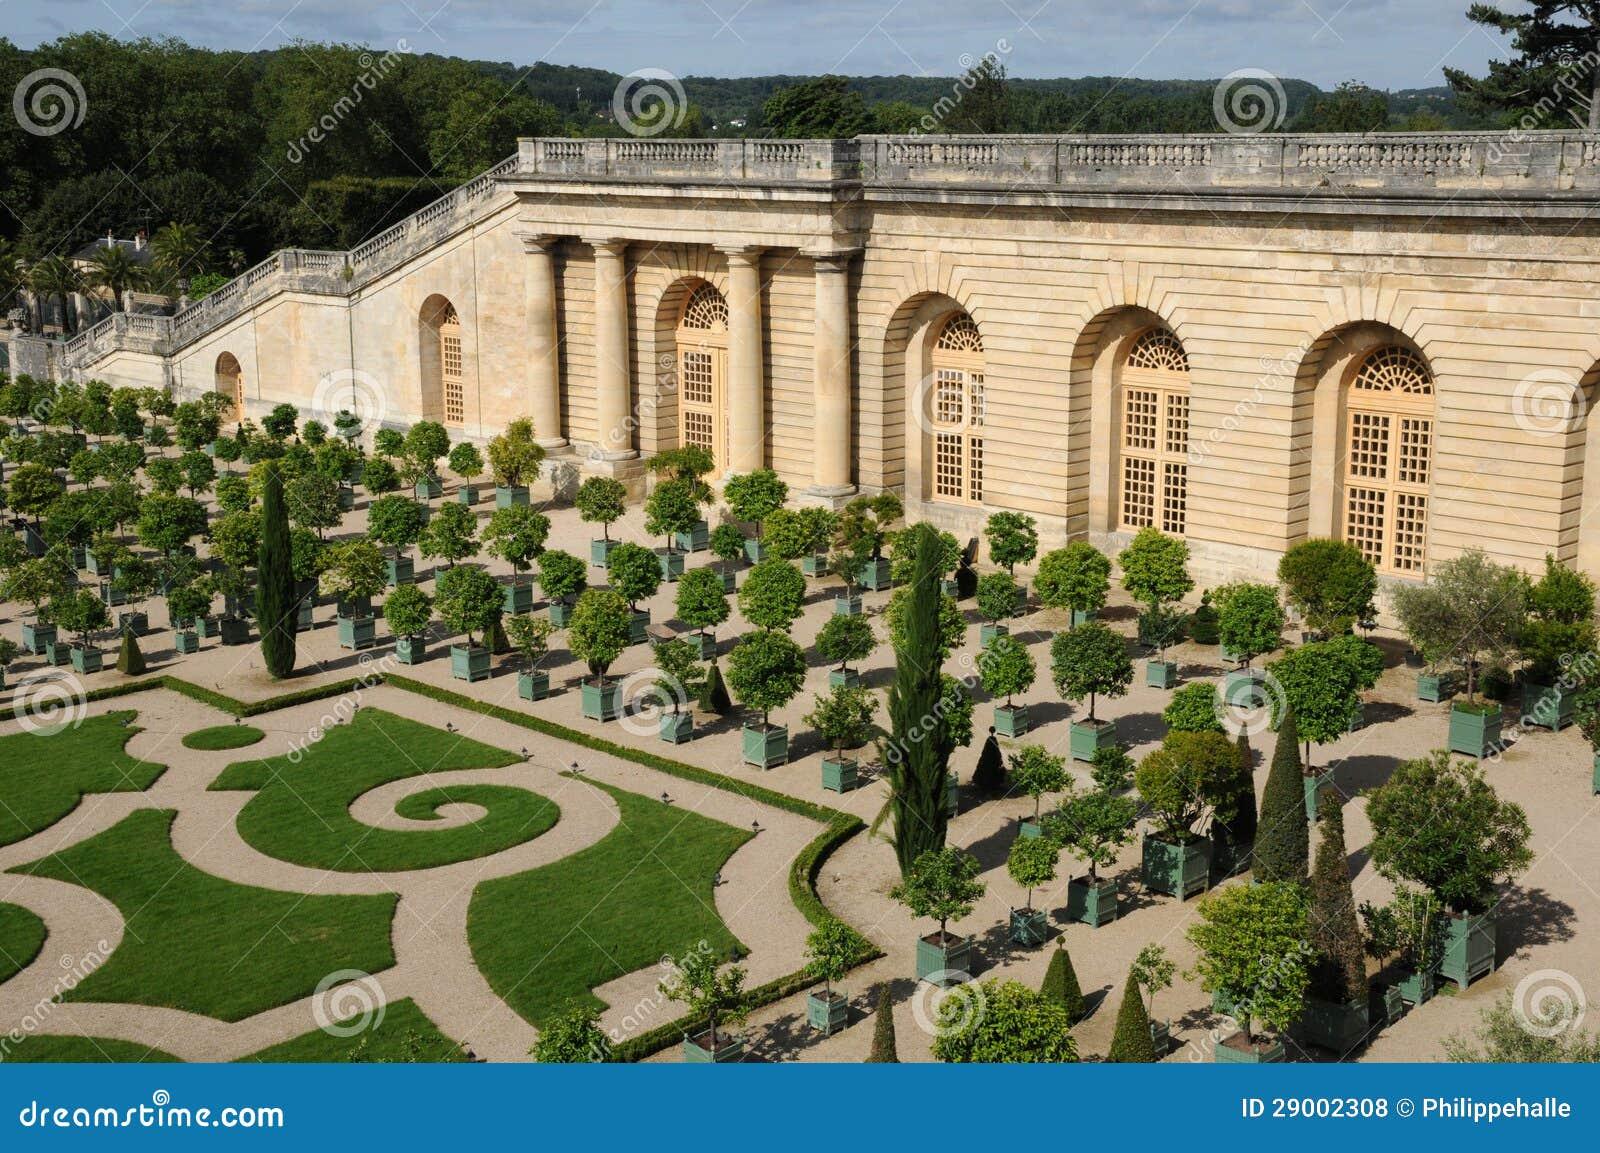 Biglietto salta fila per versailles reggia e giardini prenota ora